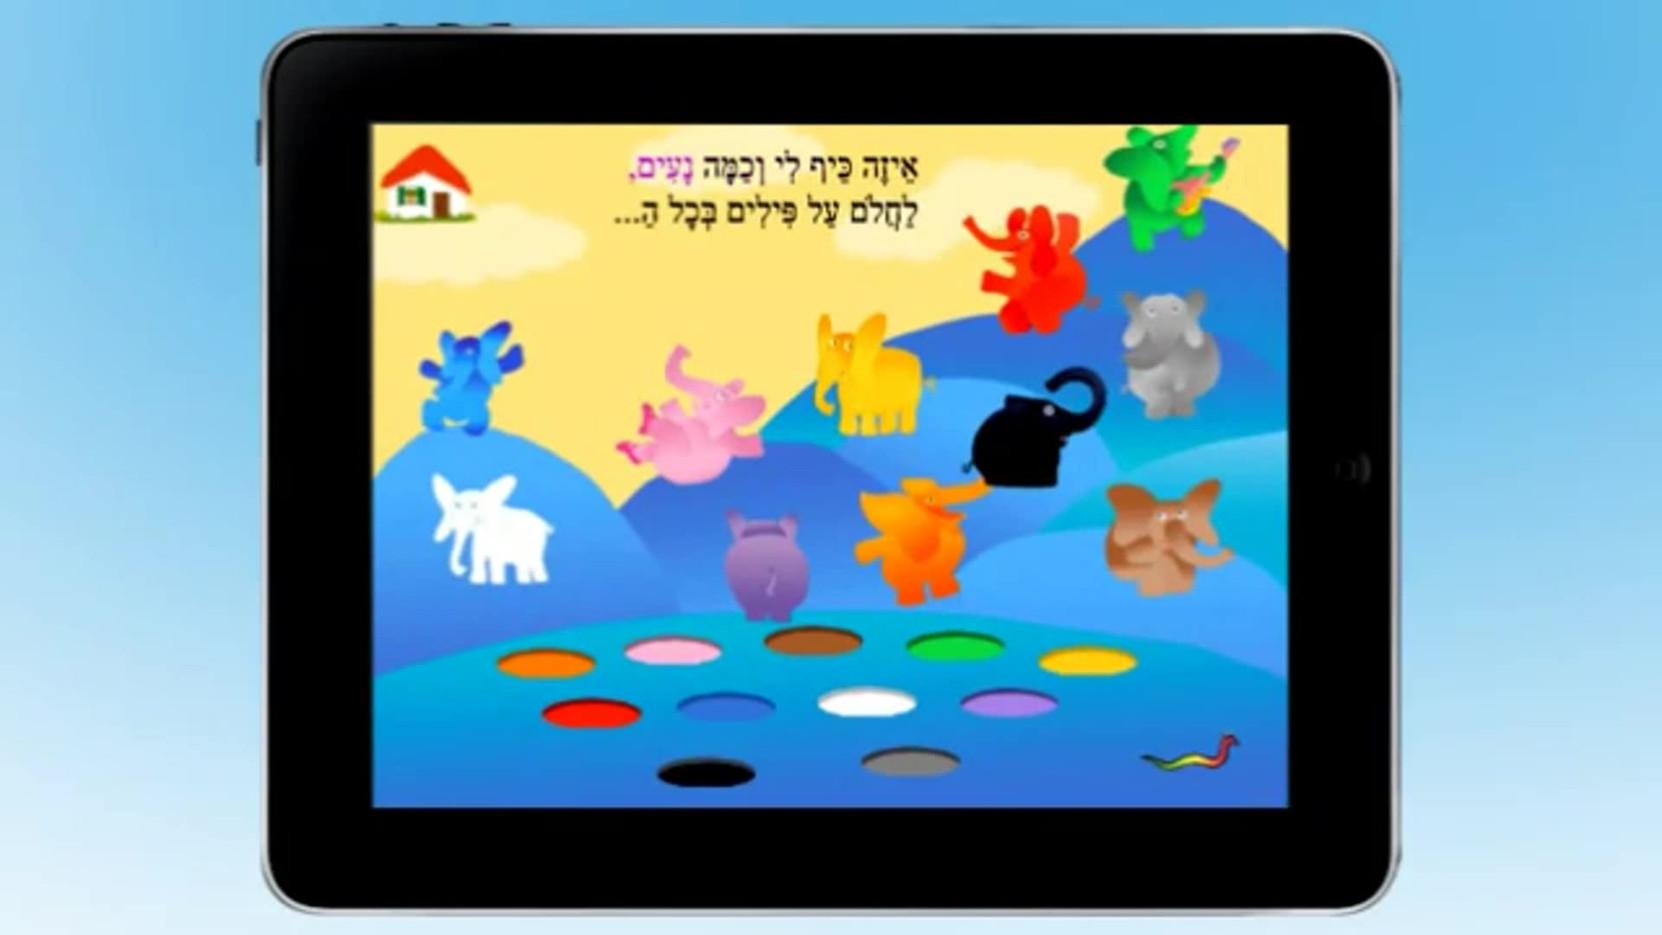 פילים בכל הצבעים - ספר אפליקציה מבית עבר